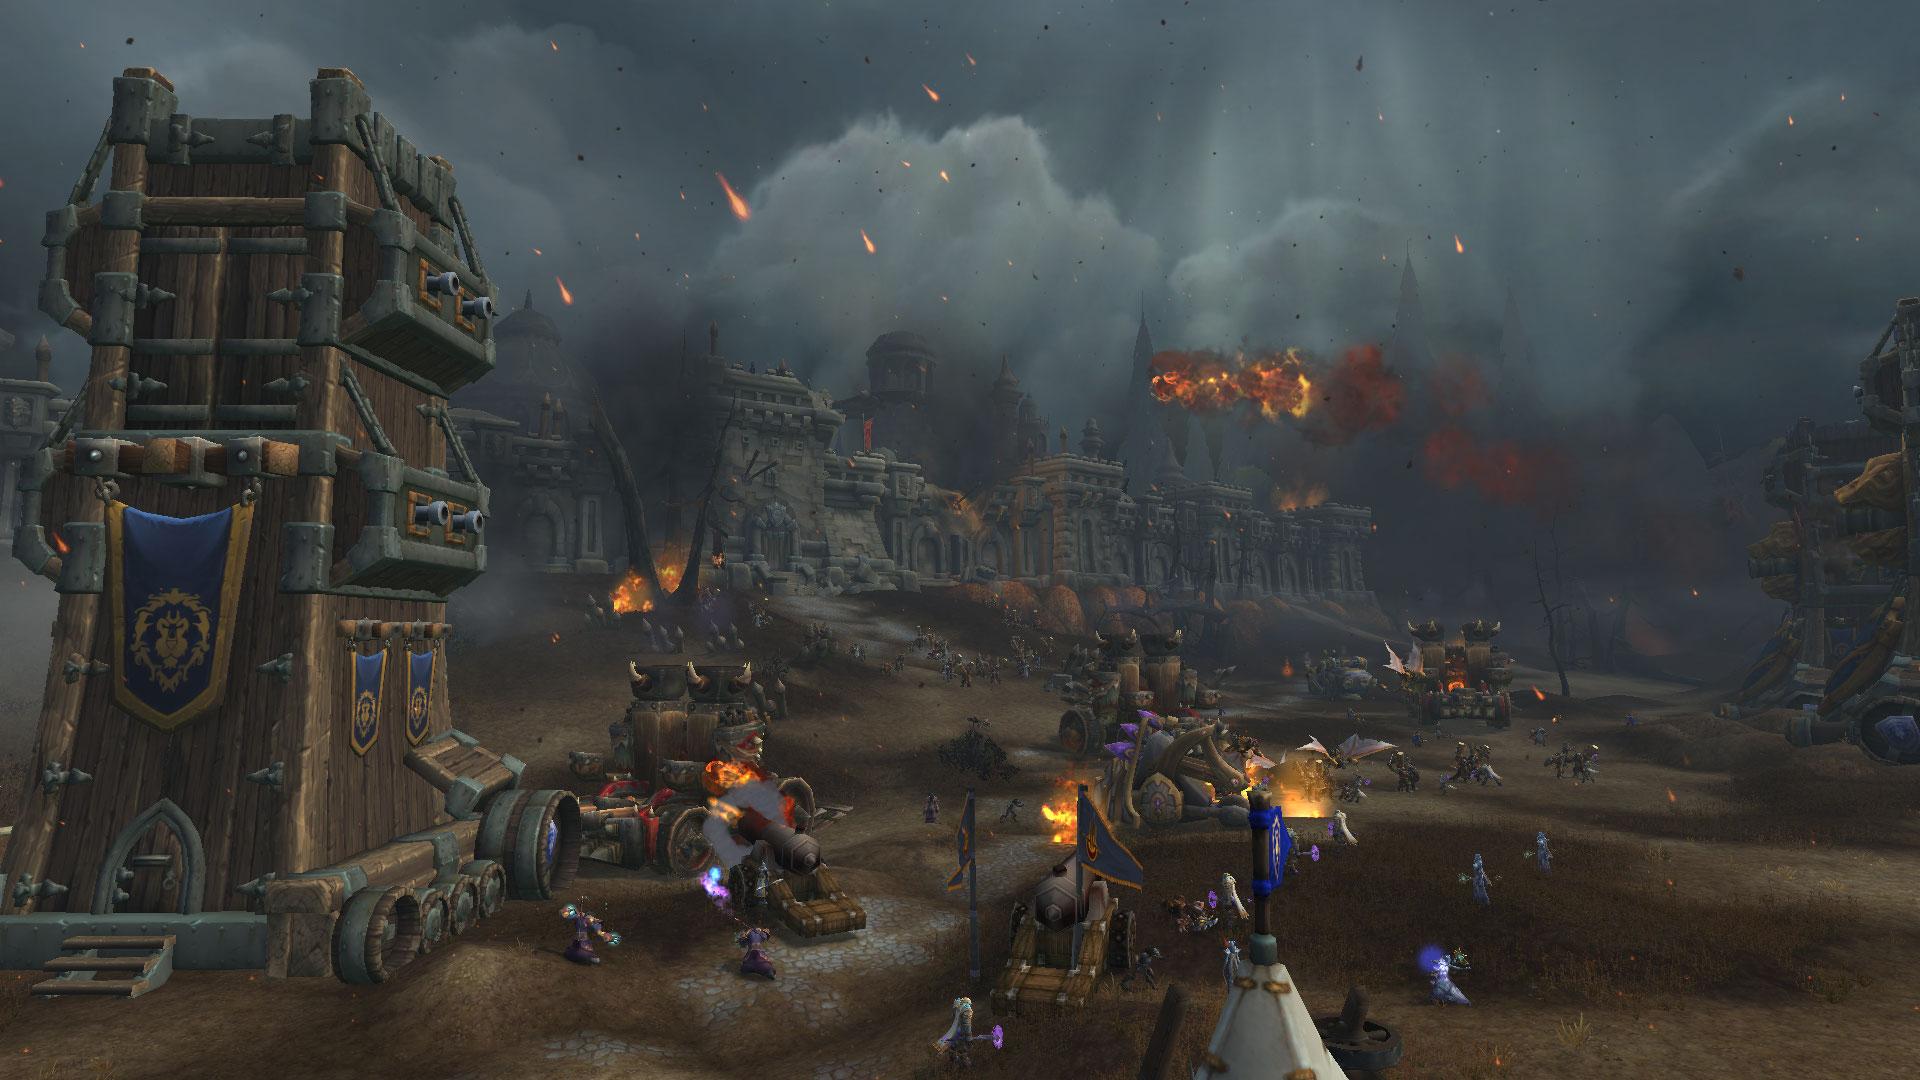 La bataille de Lordaeron est disponible le 8 août